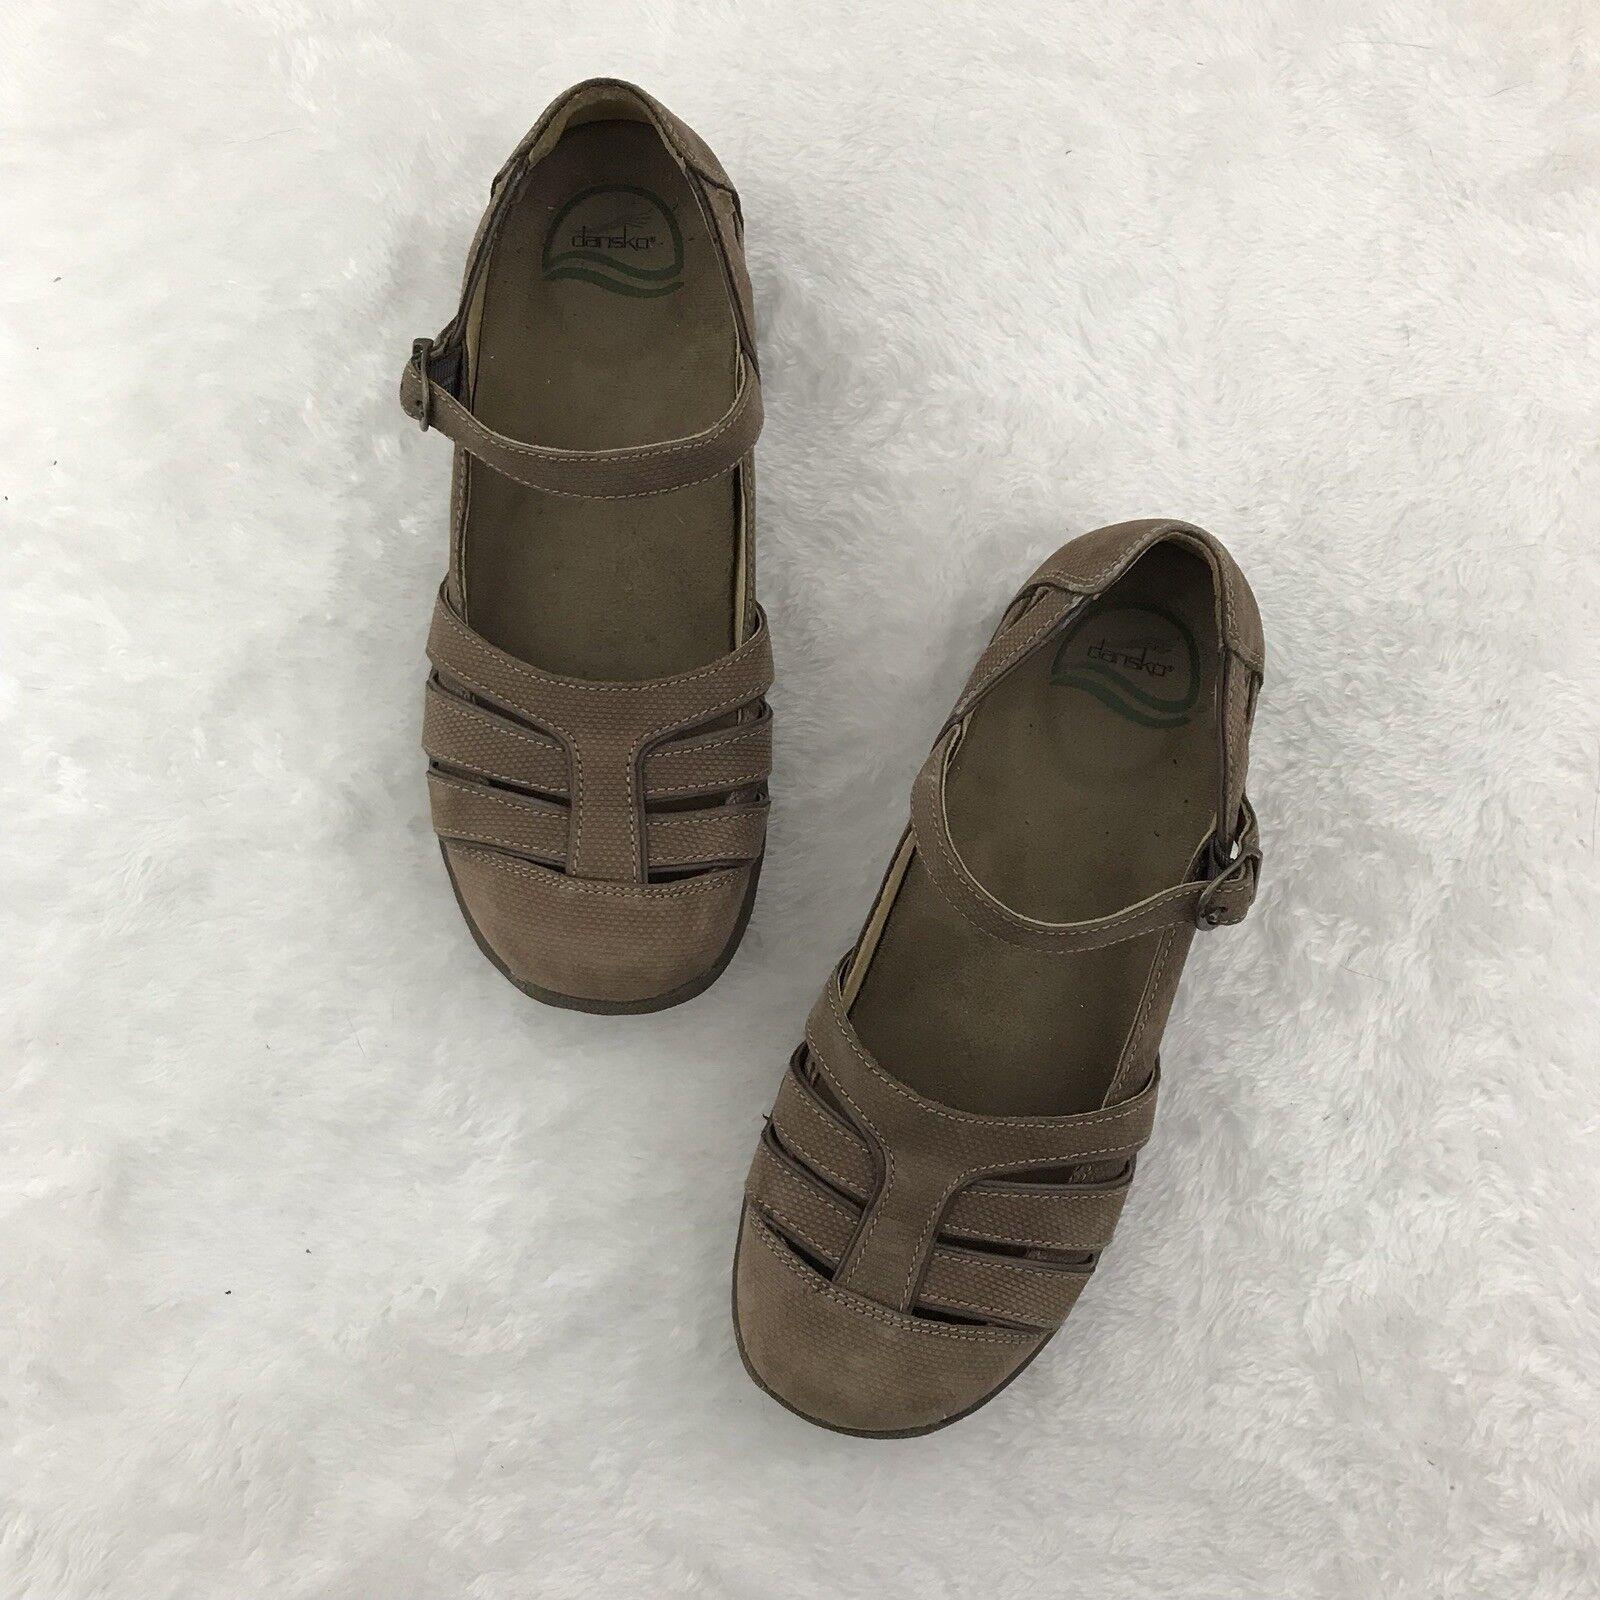 Dansko Dansko Dansko Women shoes 38 8 US Brown Leather Mary Jane Loafers Comfort Walking Clogs 69aba9